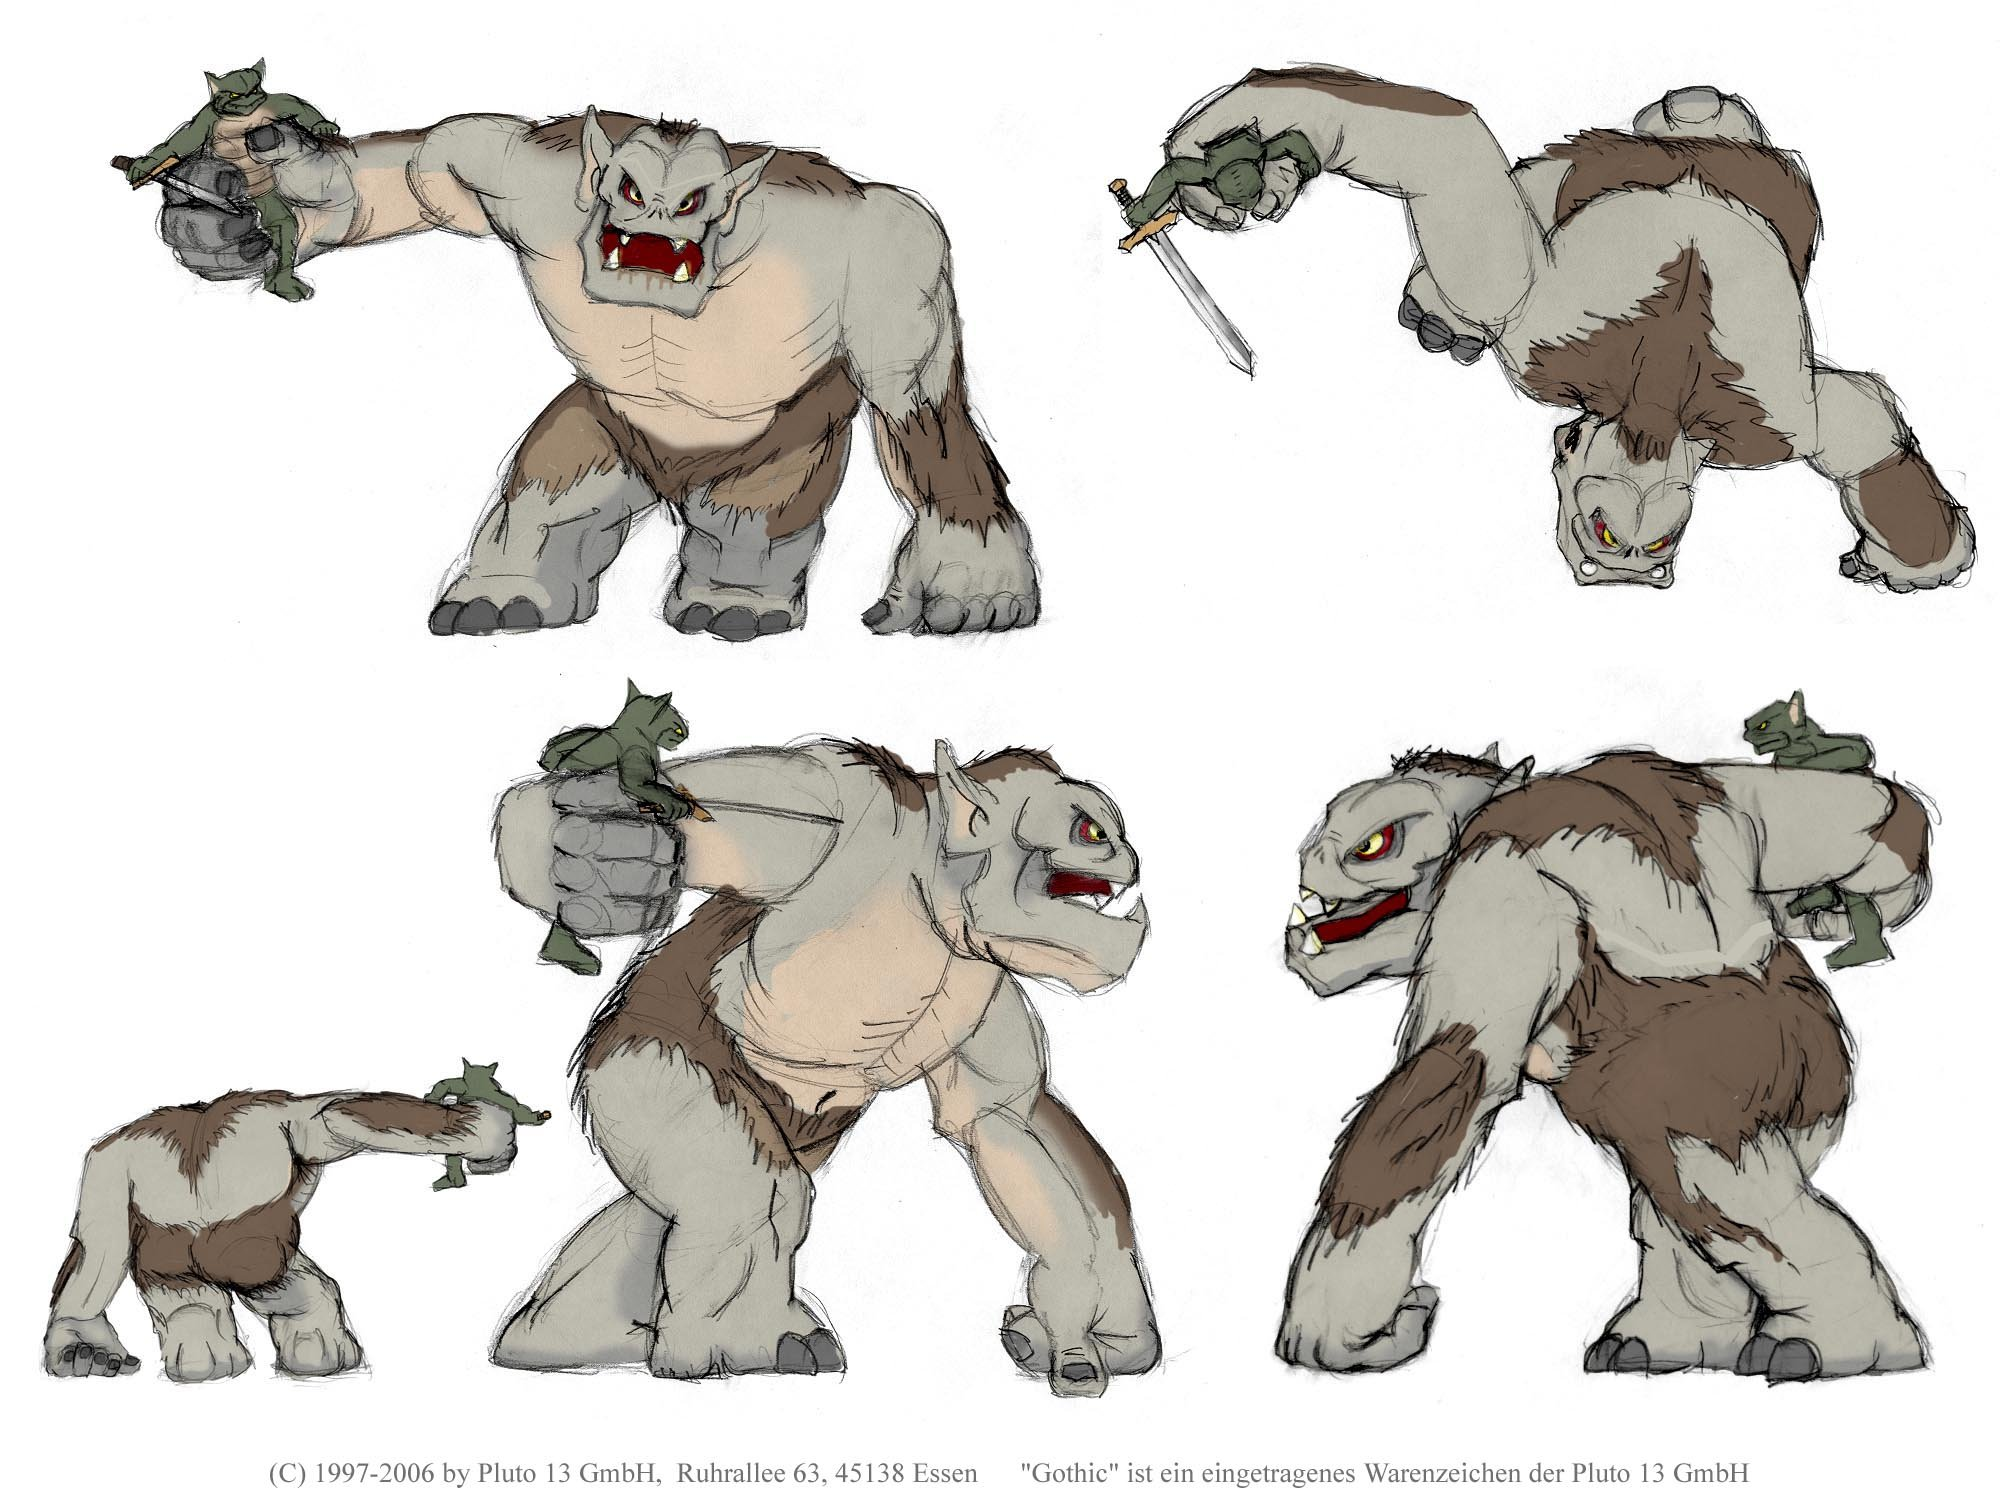 Troll Figure Concept Art